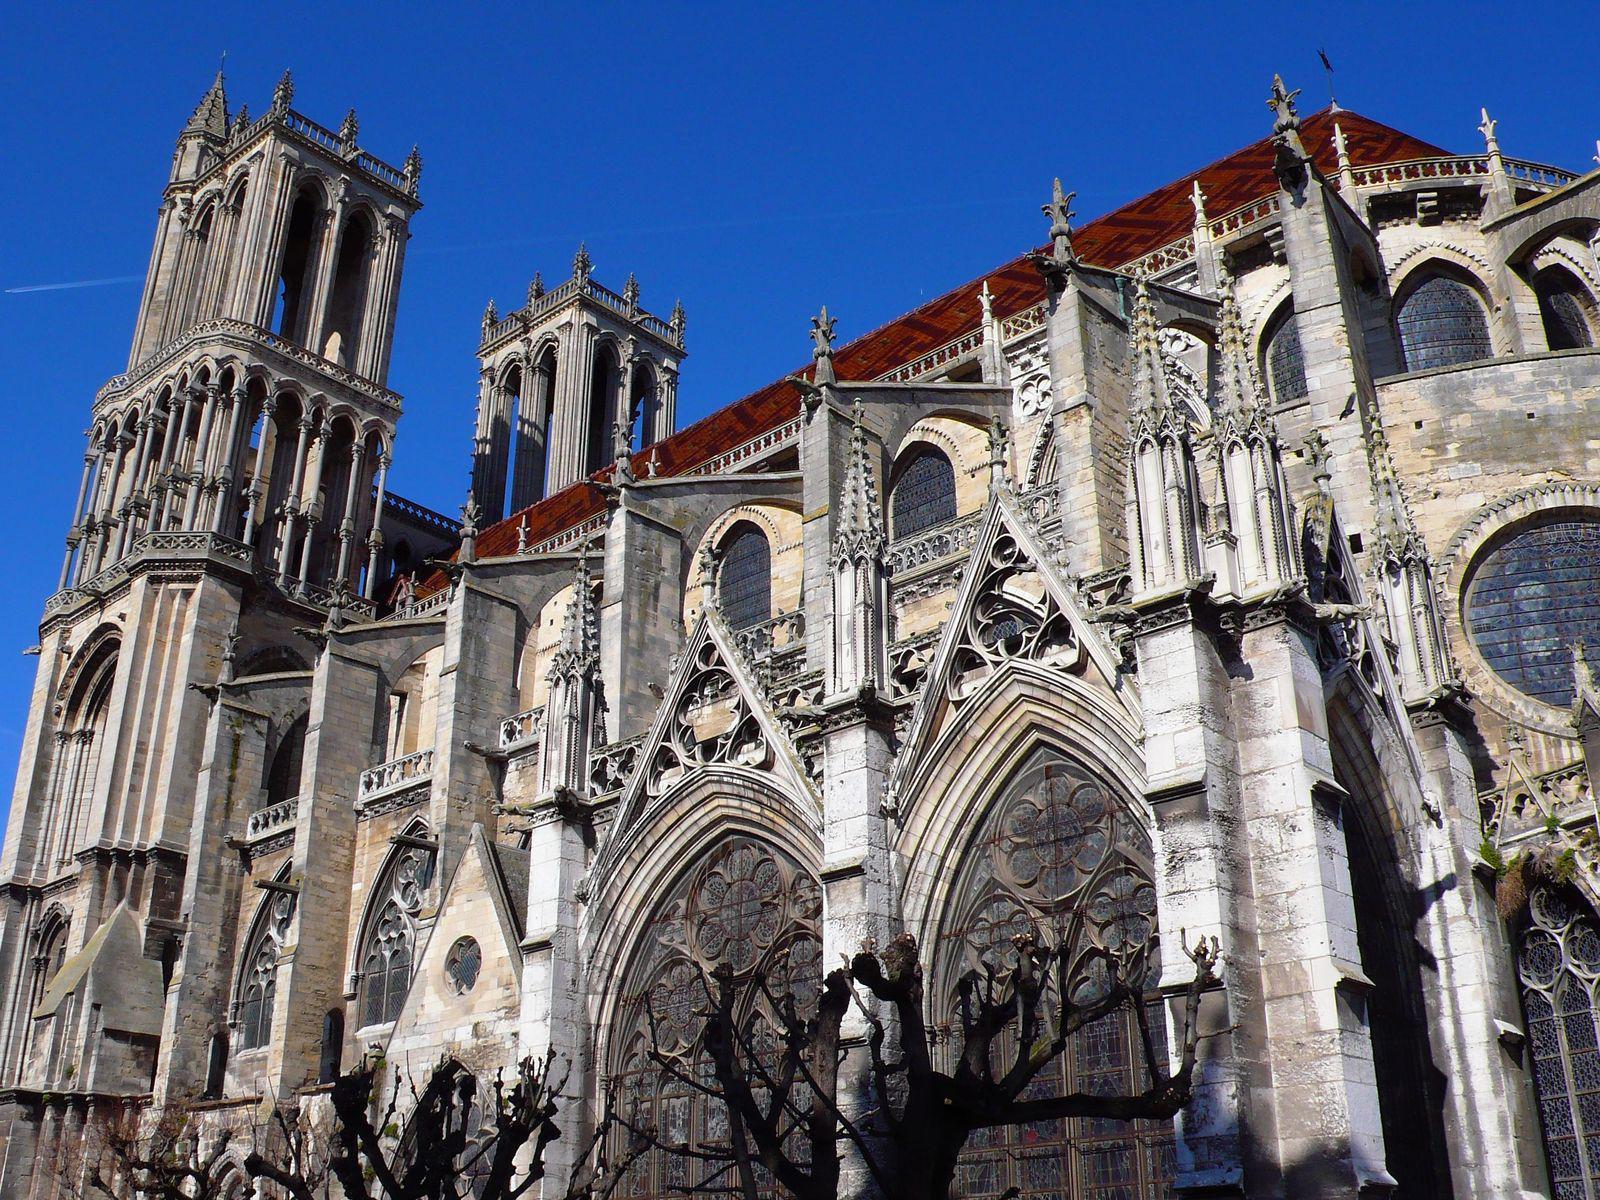 Collégiale Notre-Dame_Mantes-la-Jolie